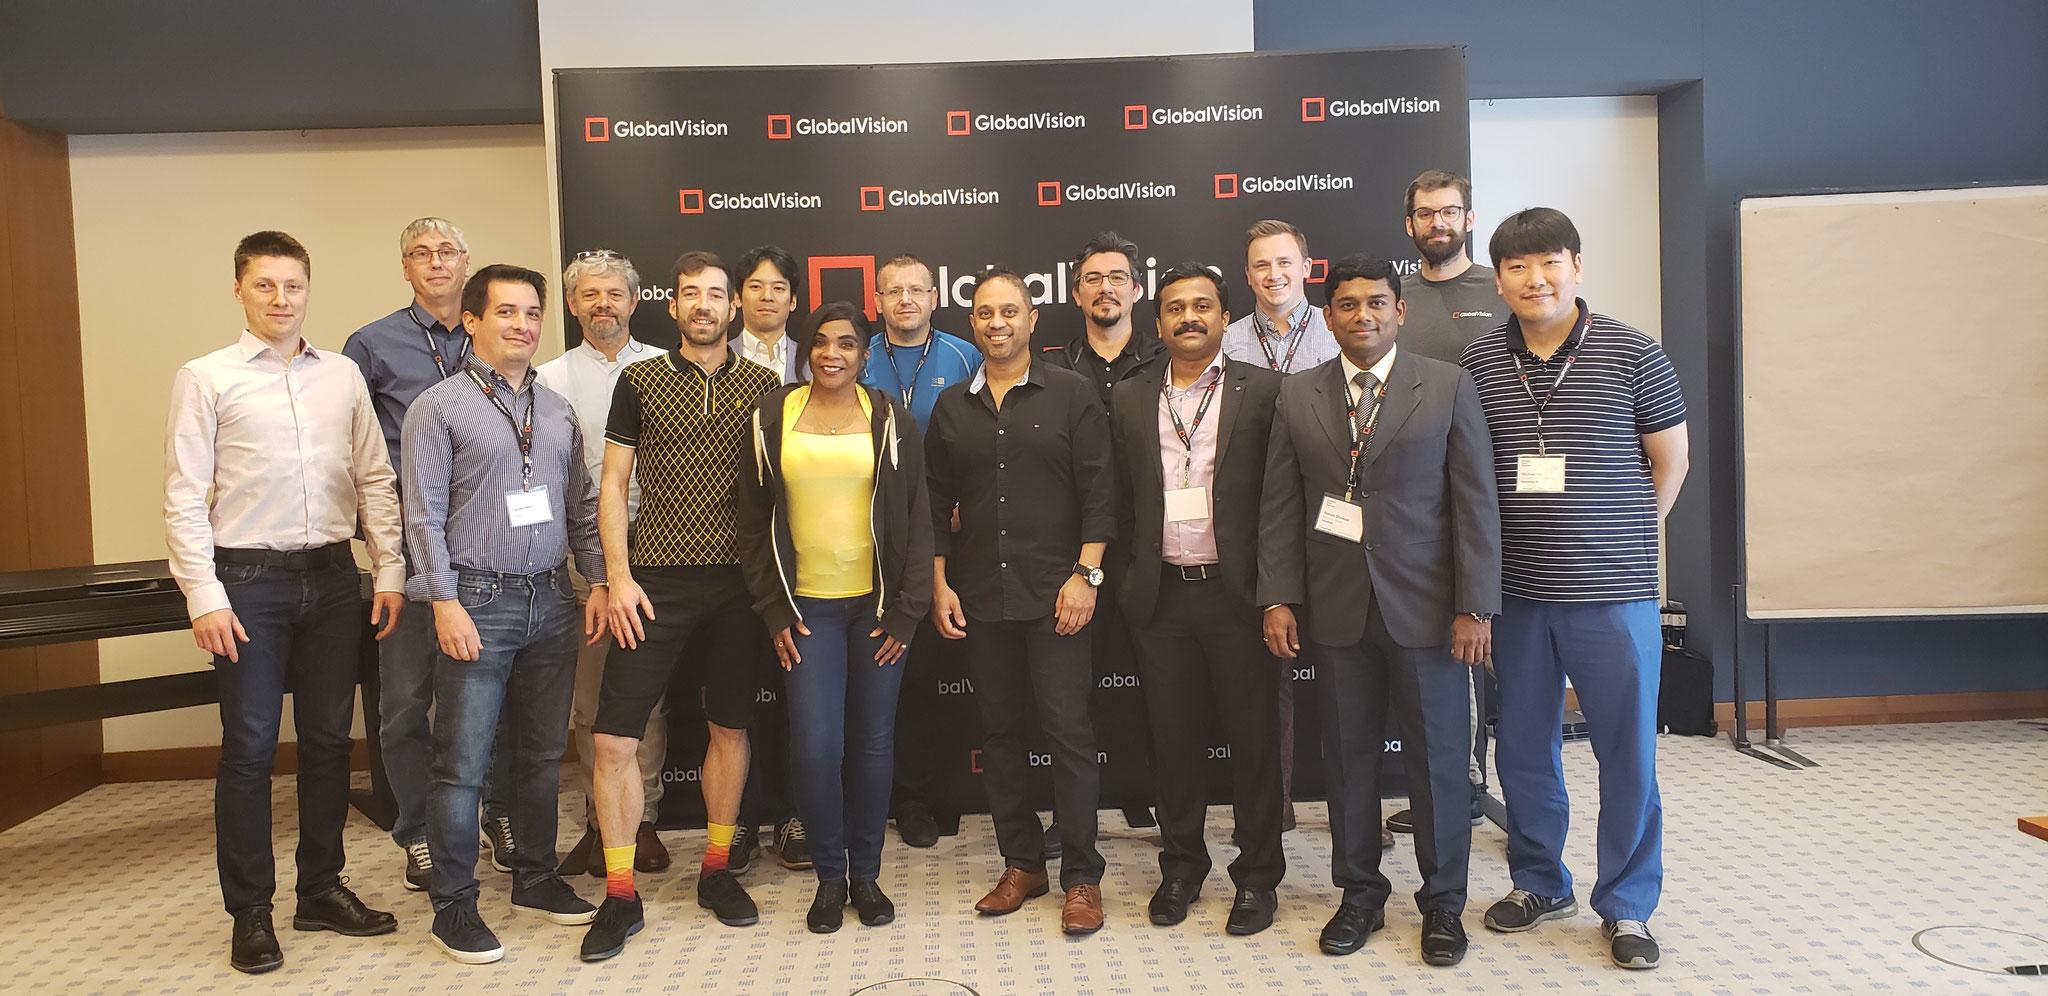 Das TeBeS Team mit Global Vision Partnern aus aller Welt beim Sales Seminar in Frankfurt, 2019